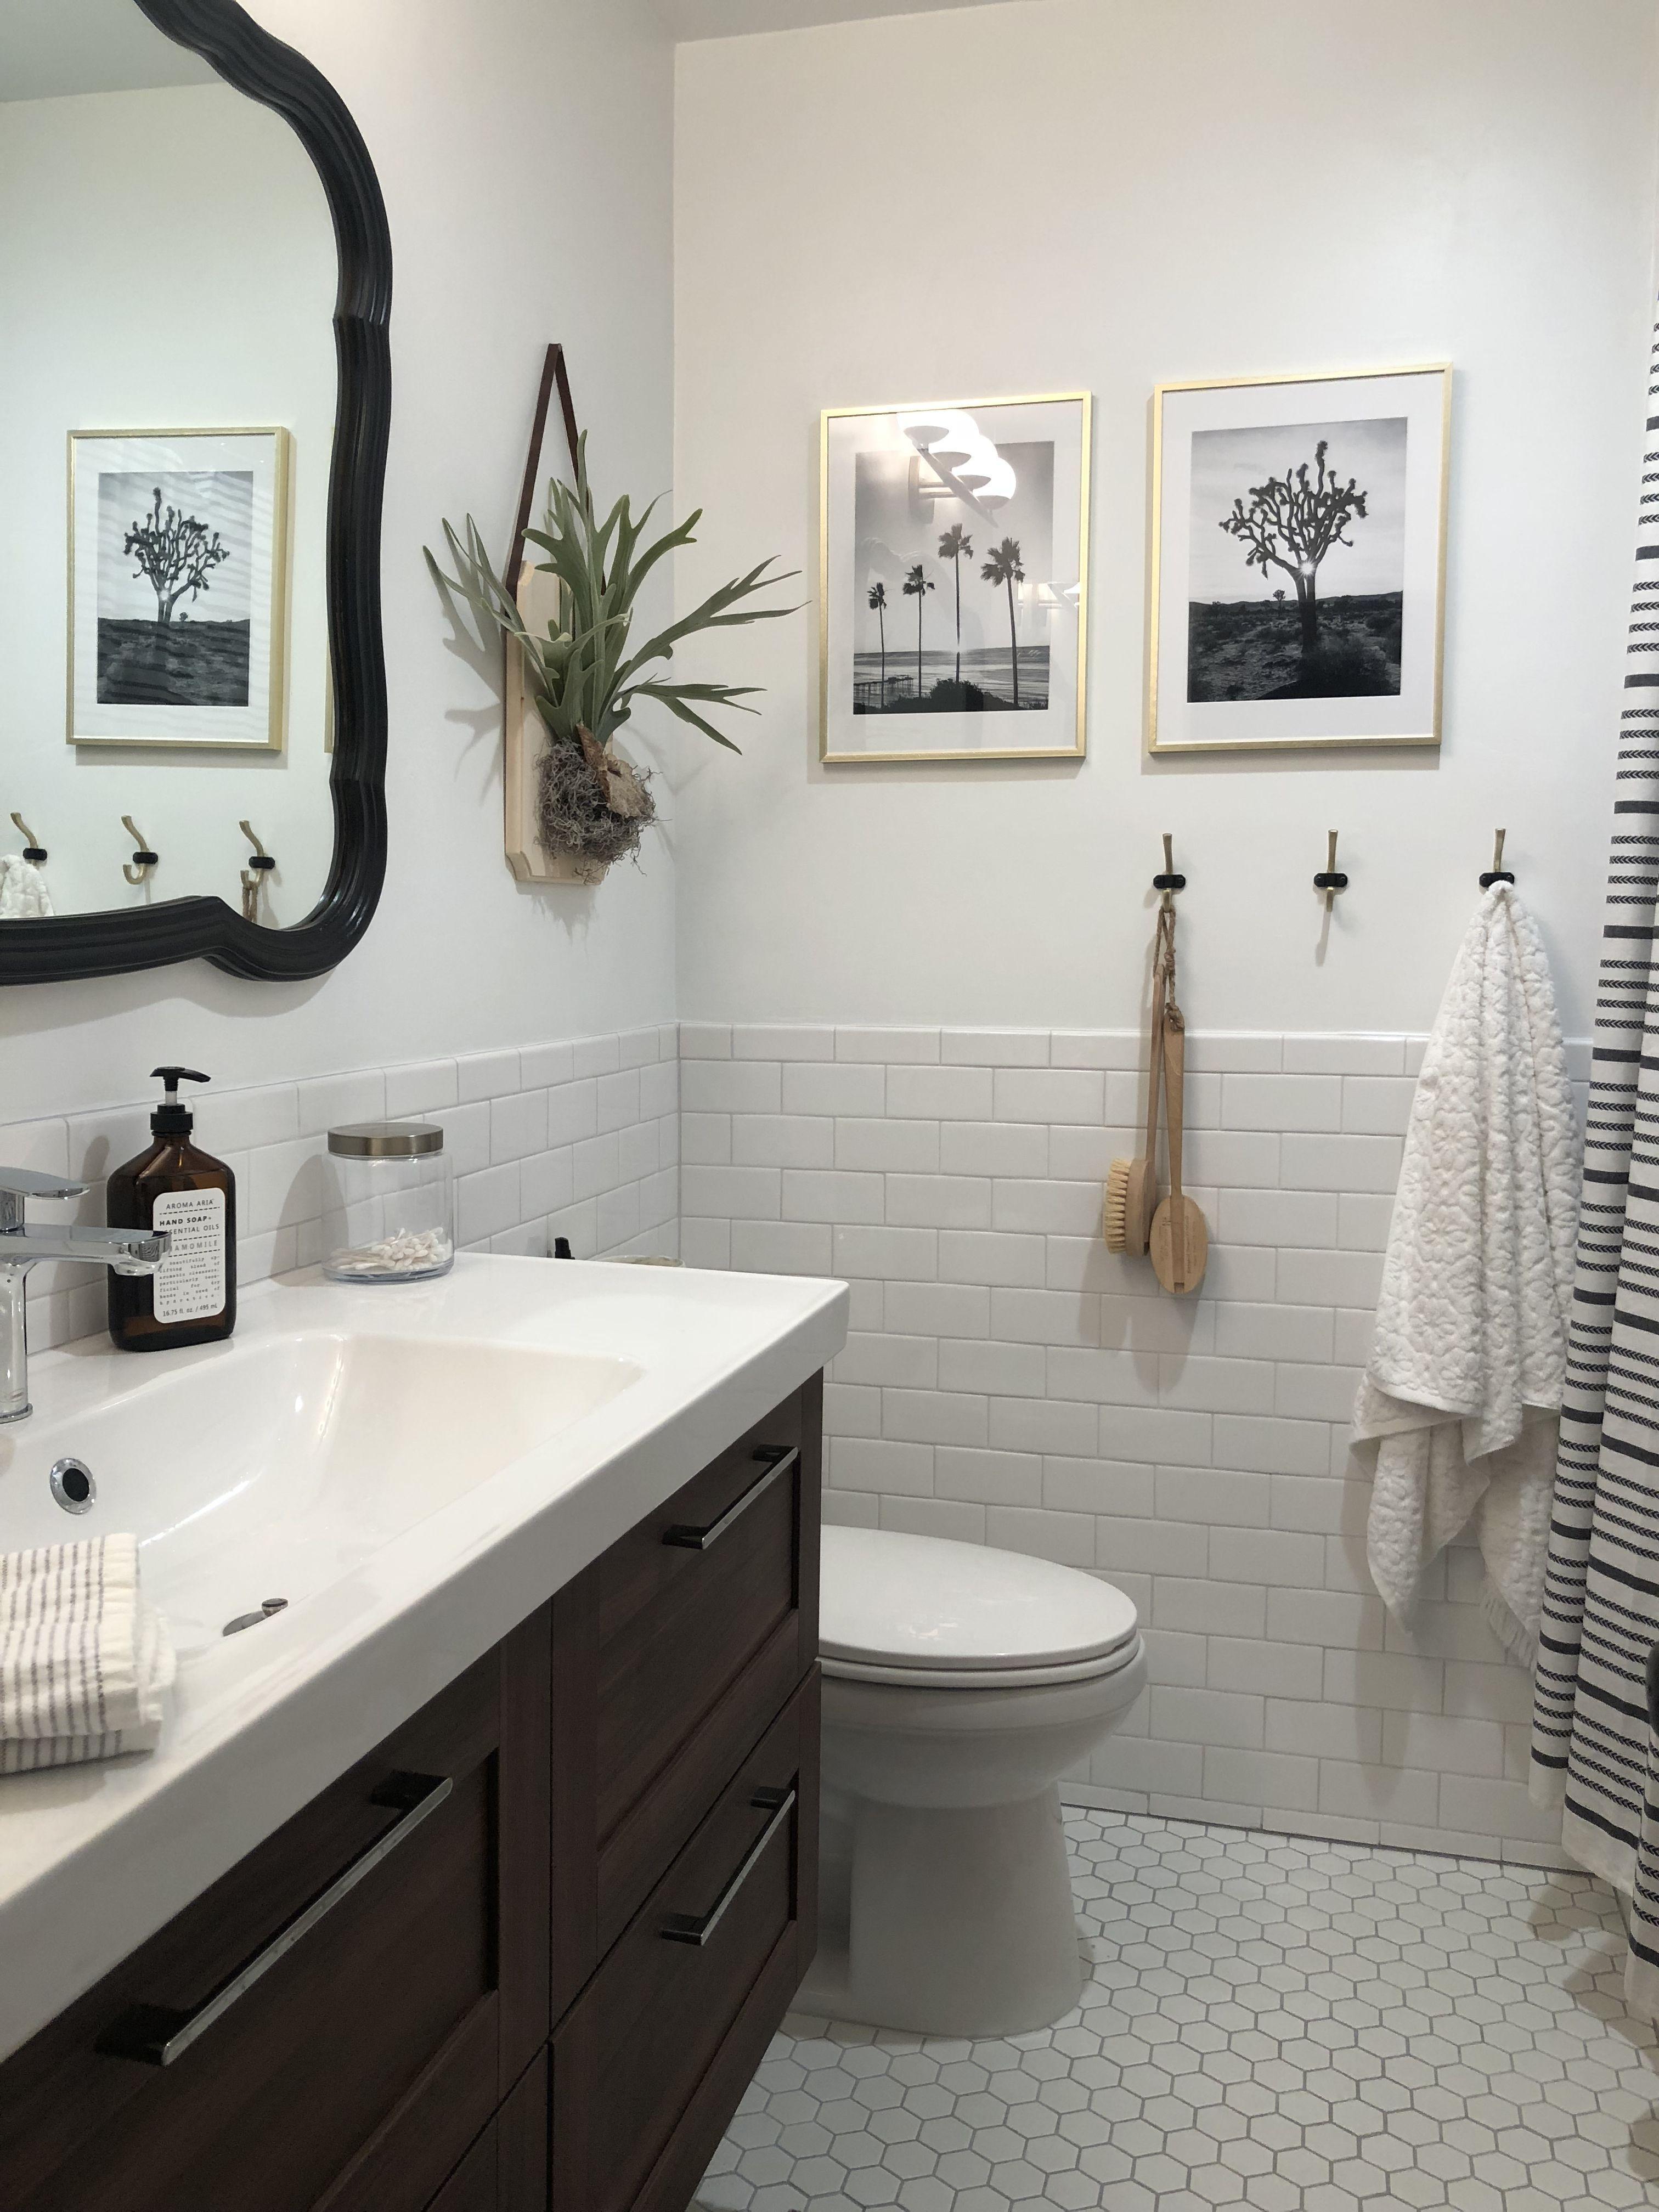 10 enticing hacks half bathroom remodel sconces bathroom on bathroom renovation ideas diy id=39184